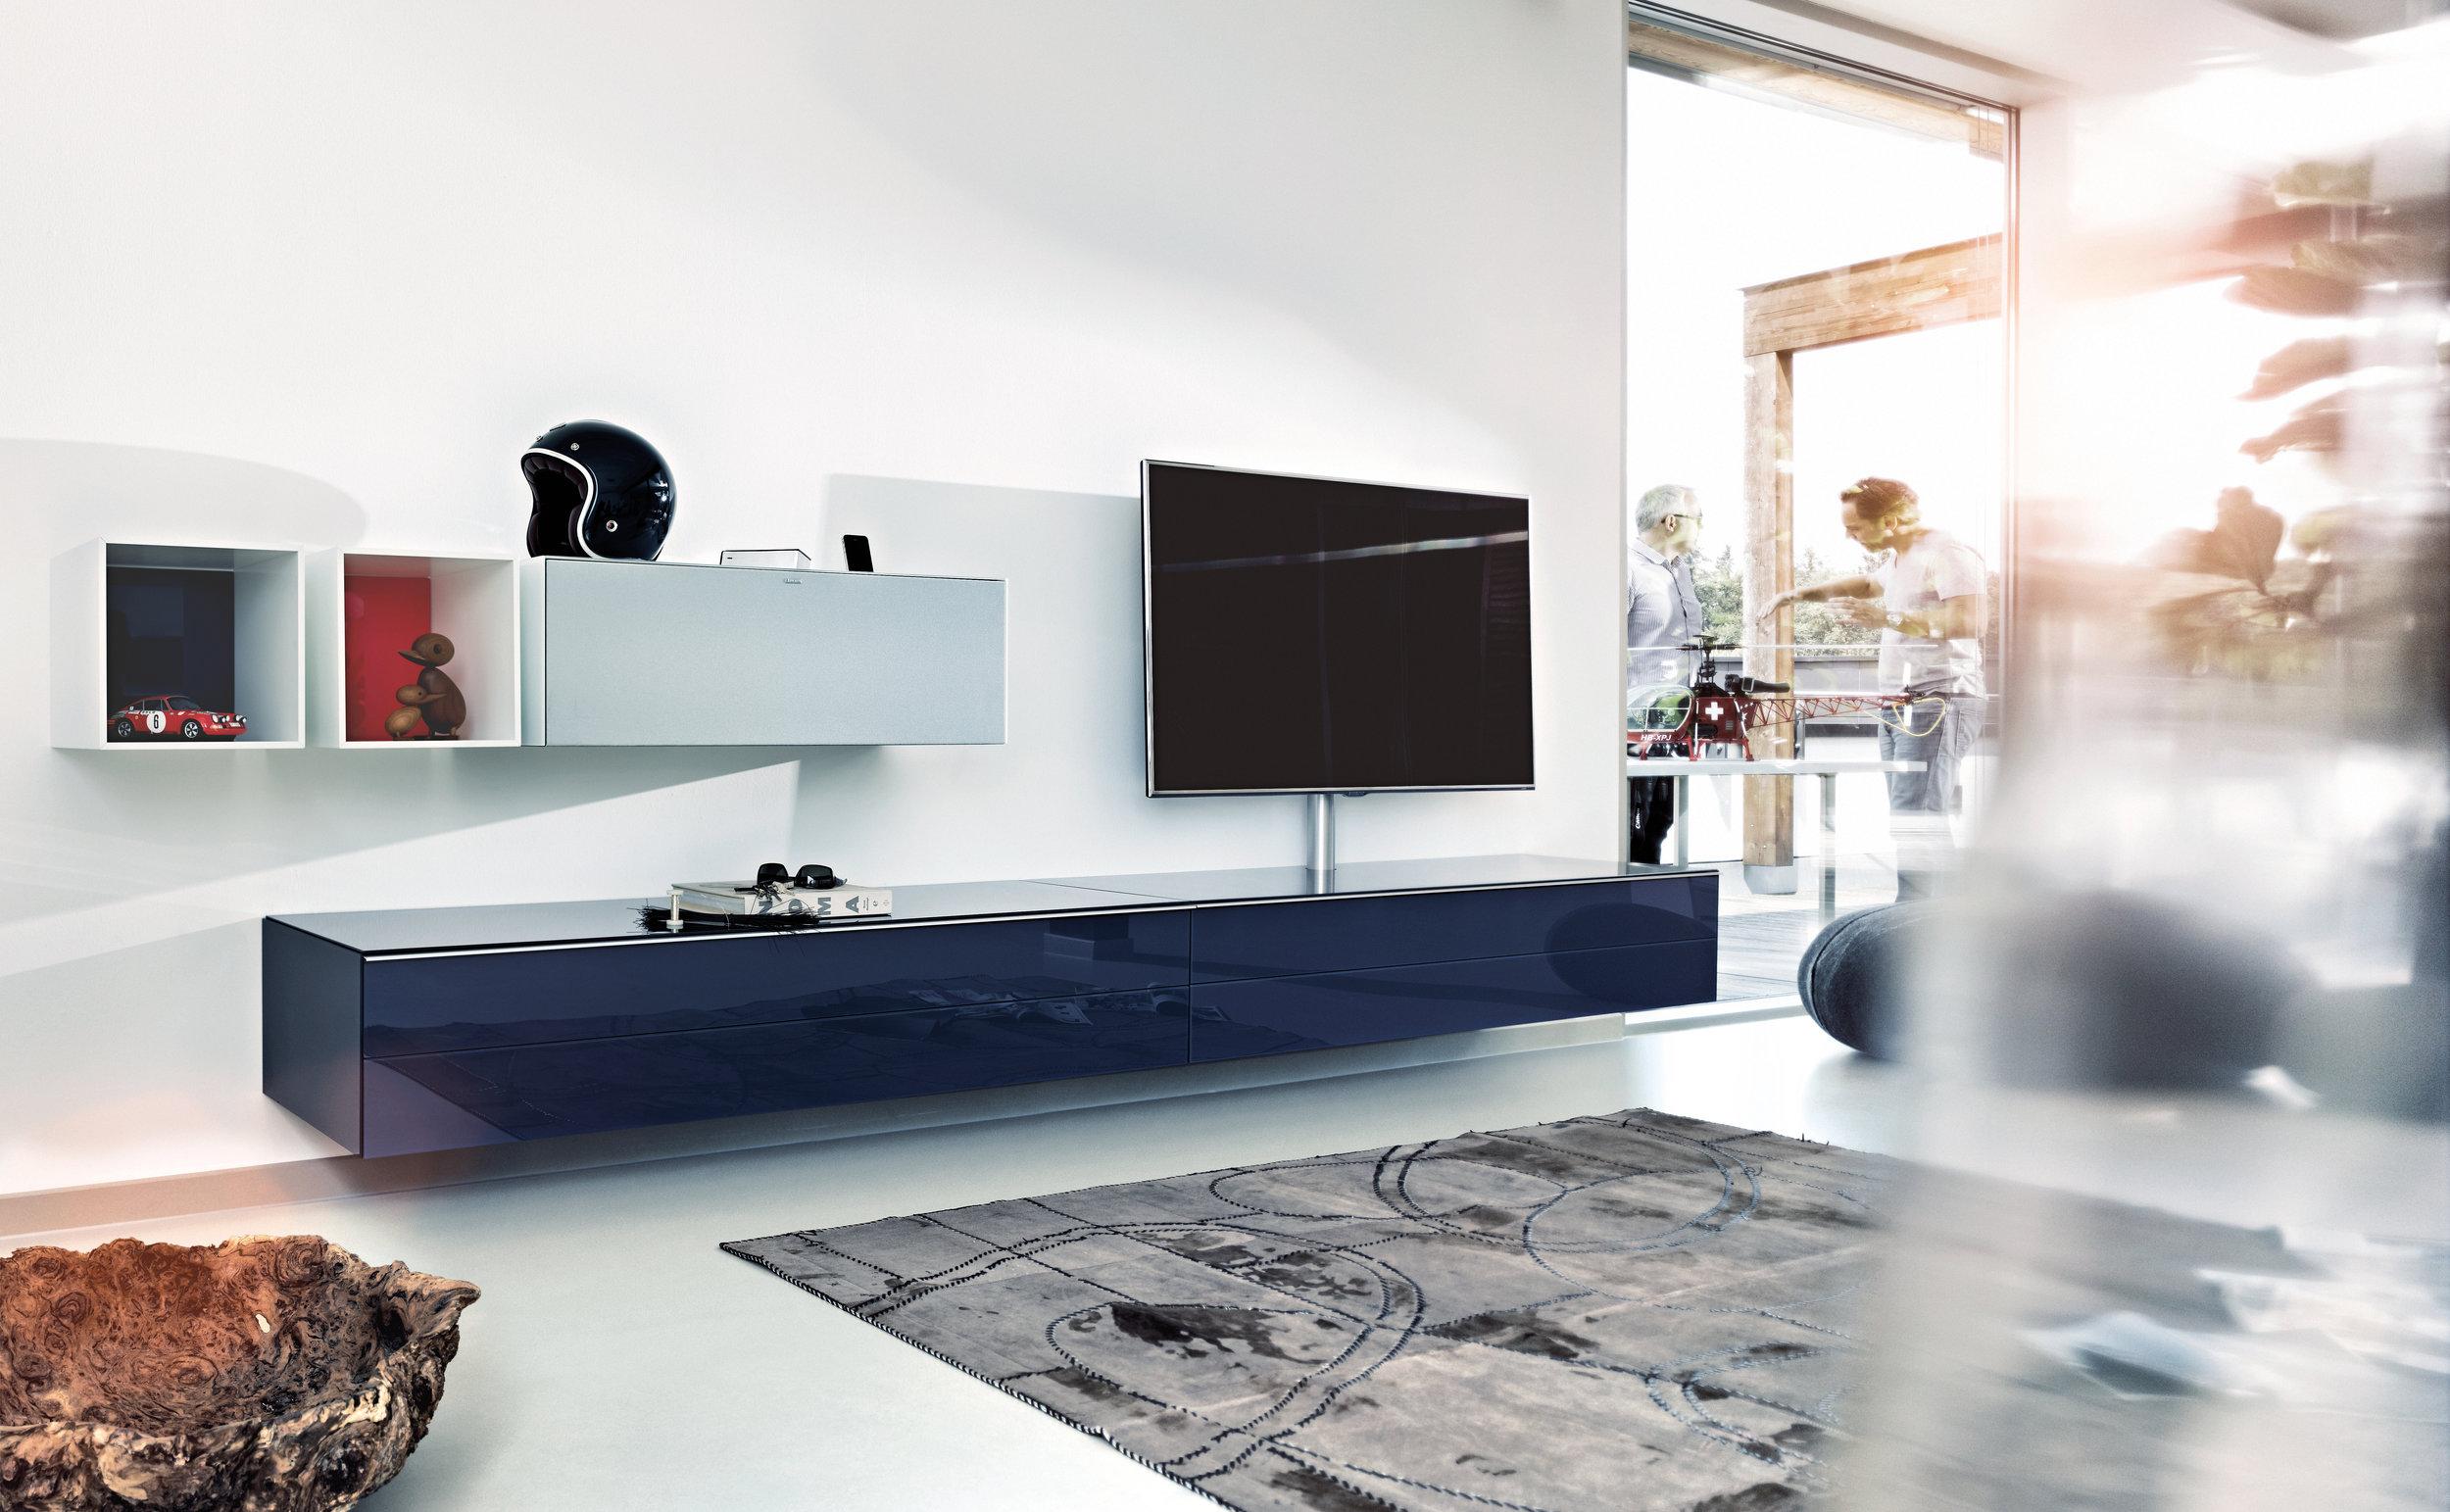 Spectral - Kann es gut gehen, wenn Ingenieure Möbel bauen? Und vor allem: Kann es gut aussehen? Zweimal ja. Seit über 20 Jahren arbeitet Spectral an der Verbindung von schönem Wohnen und unterhaltsamer Technik. Heute ist Spectral der Vorreiter von Smart furniture – elegante Möbel mit intelligenten Zusatzfunktionen.